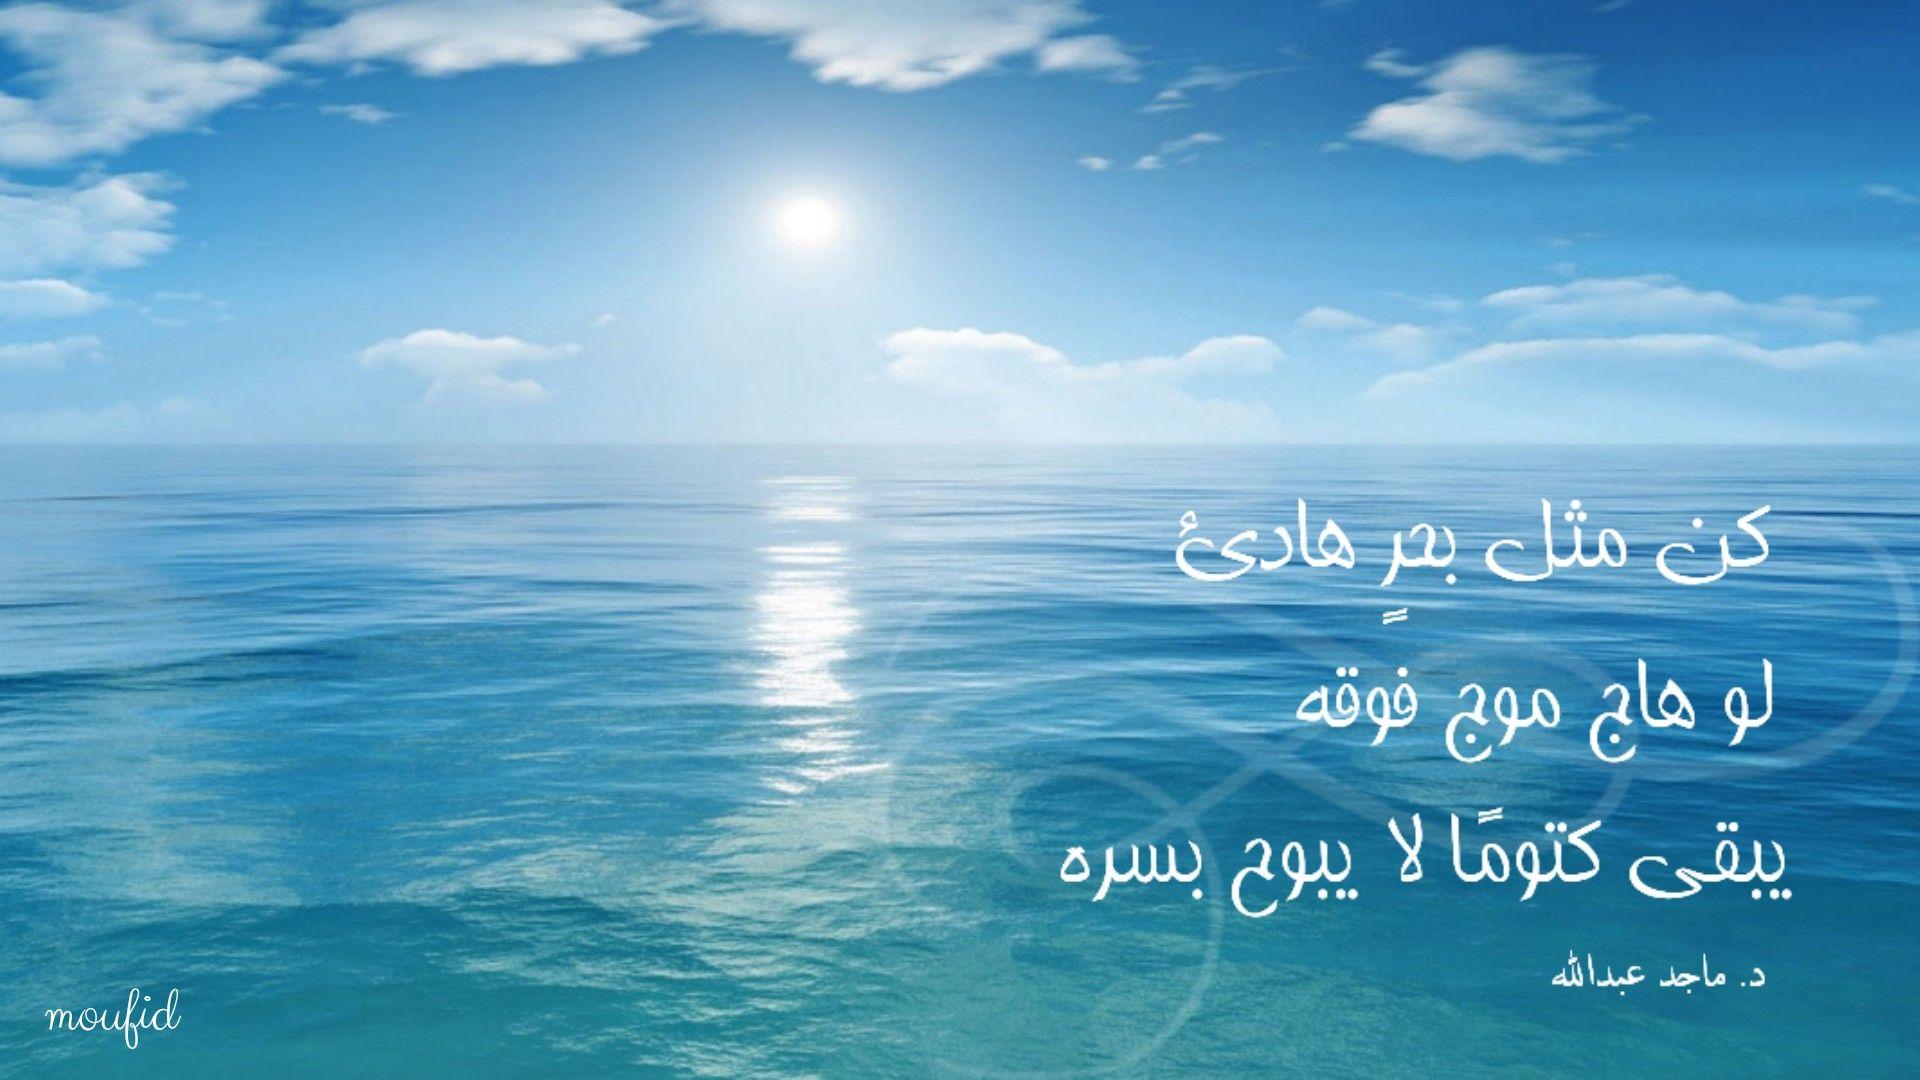 كن مثل بحر هادئ لو هاج موج فوقه يبقى كتوما لا يبوح بسر ه د ماجد عبدالله Outdoor Beach Water